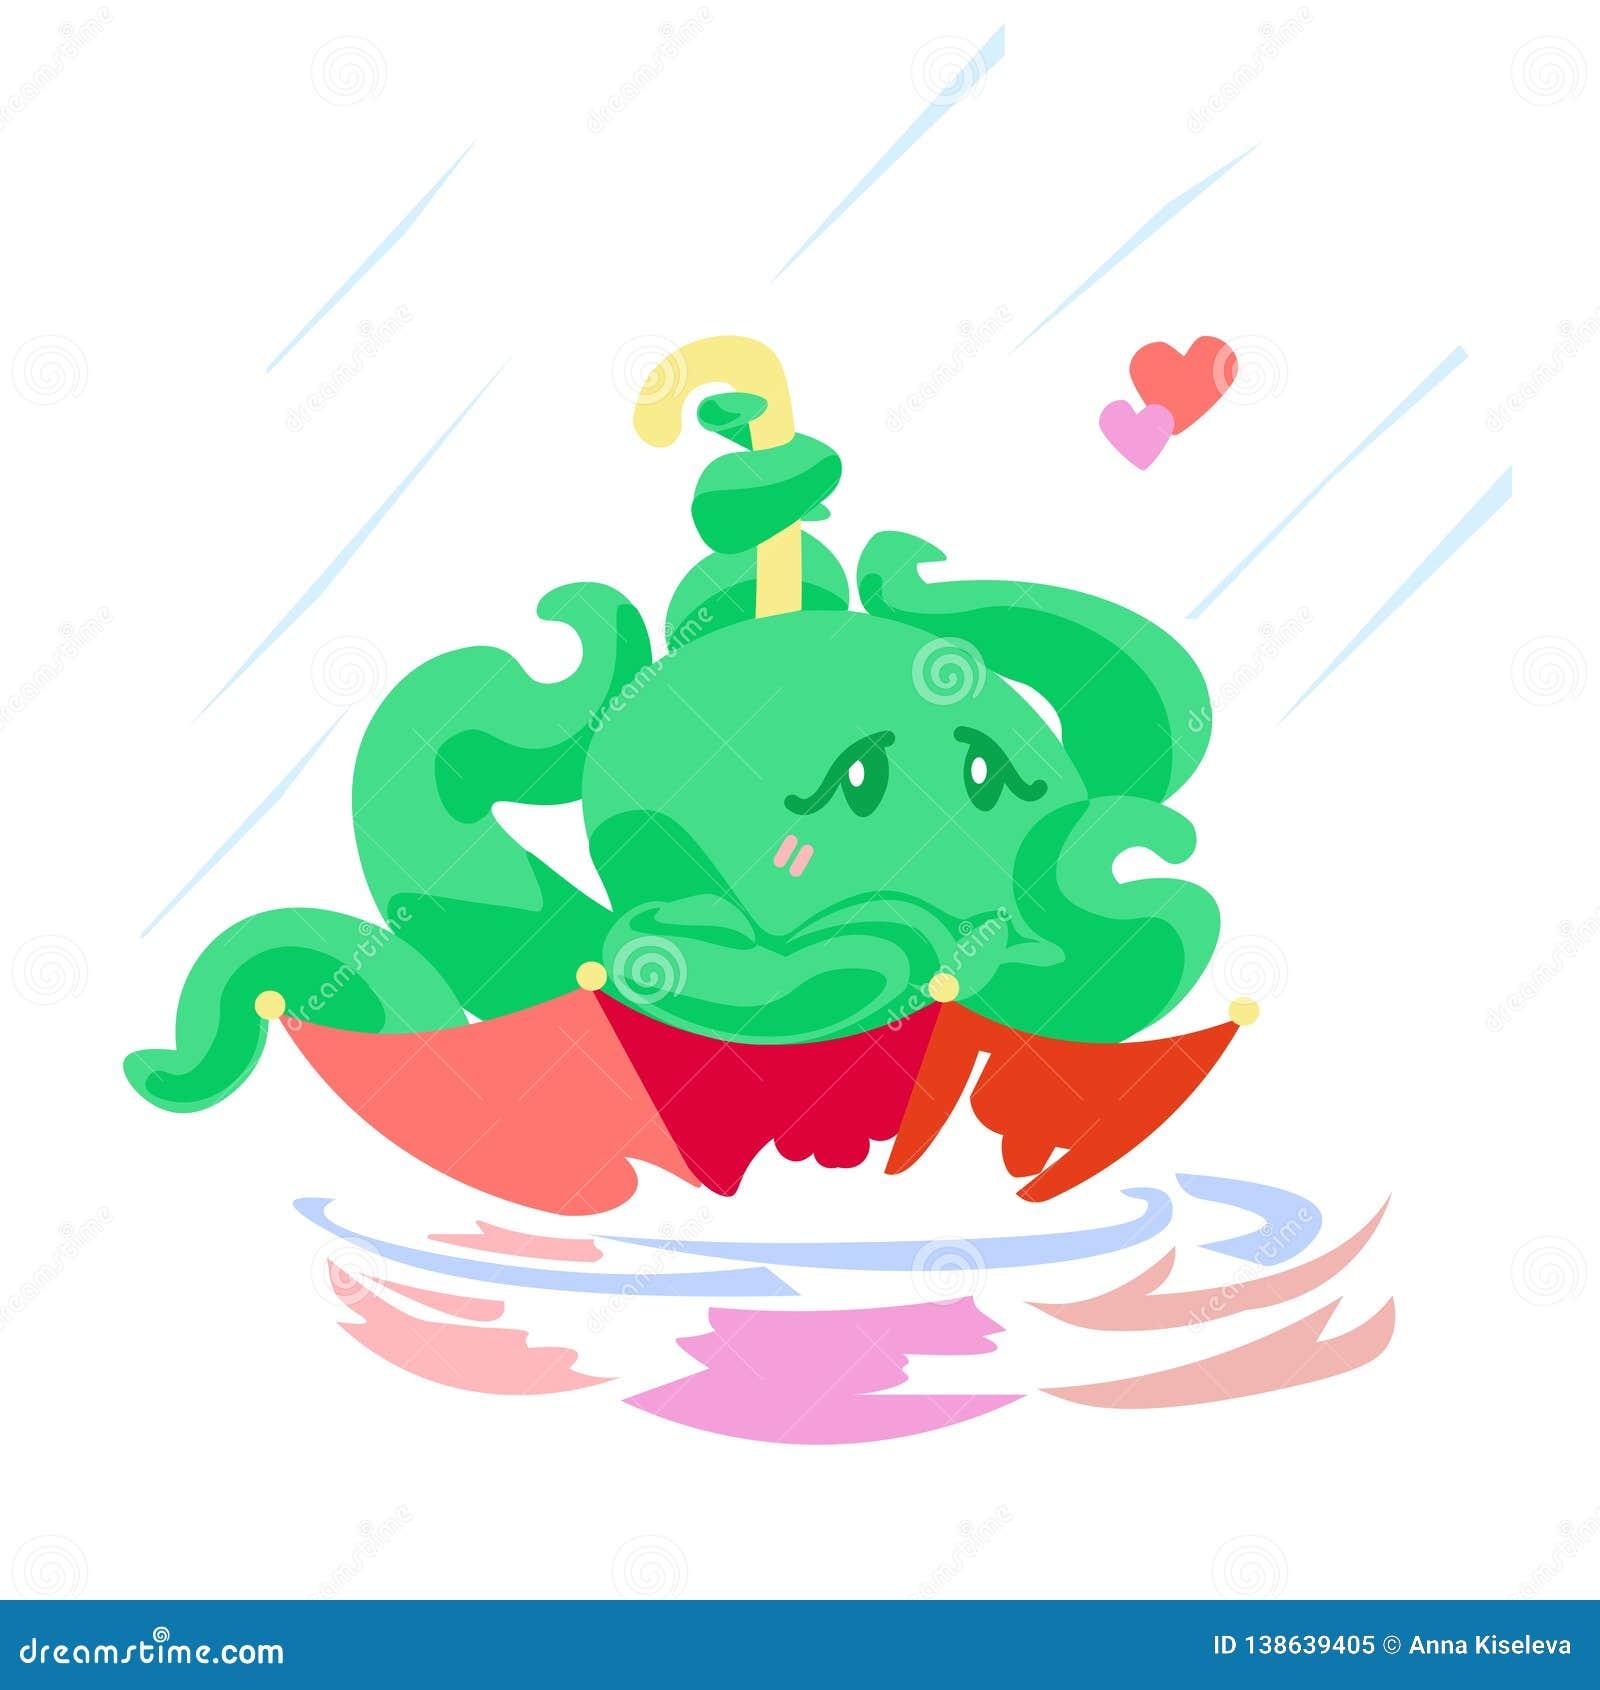 Ślicznego kreskówki valentine ośmiornicy karciany charakter w parasolu pod podeszczową zwierzęcą ilustracją